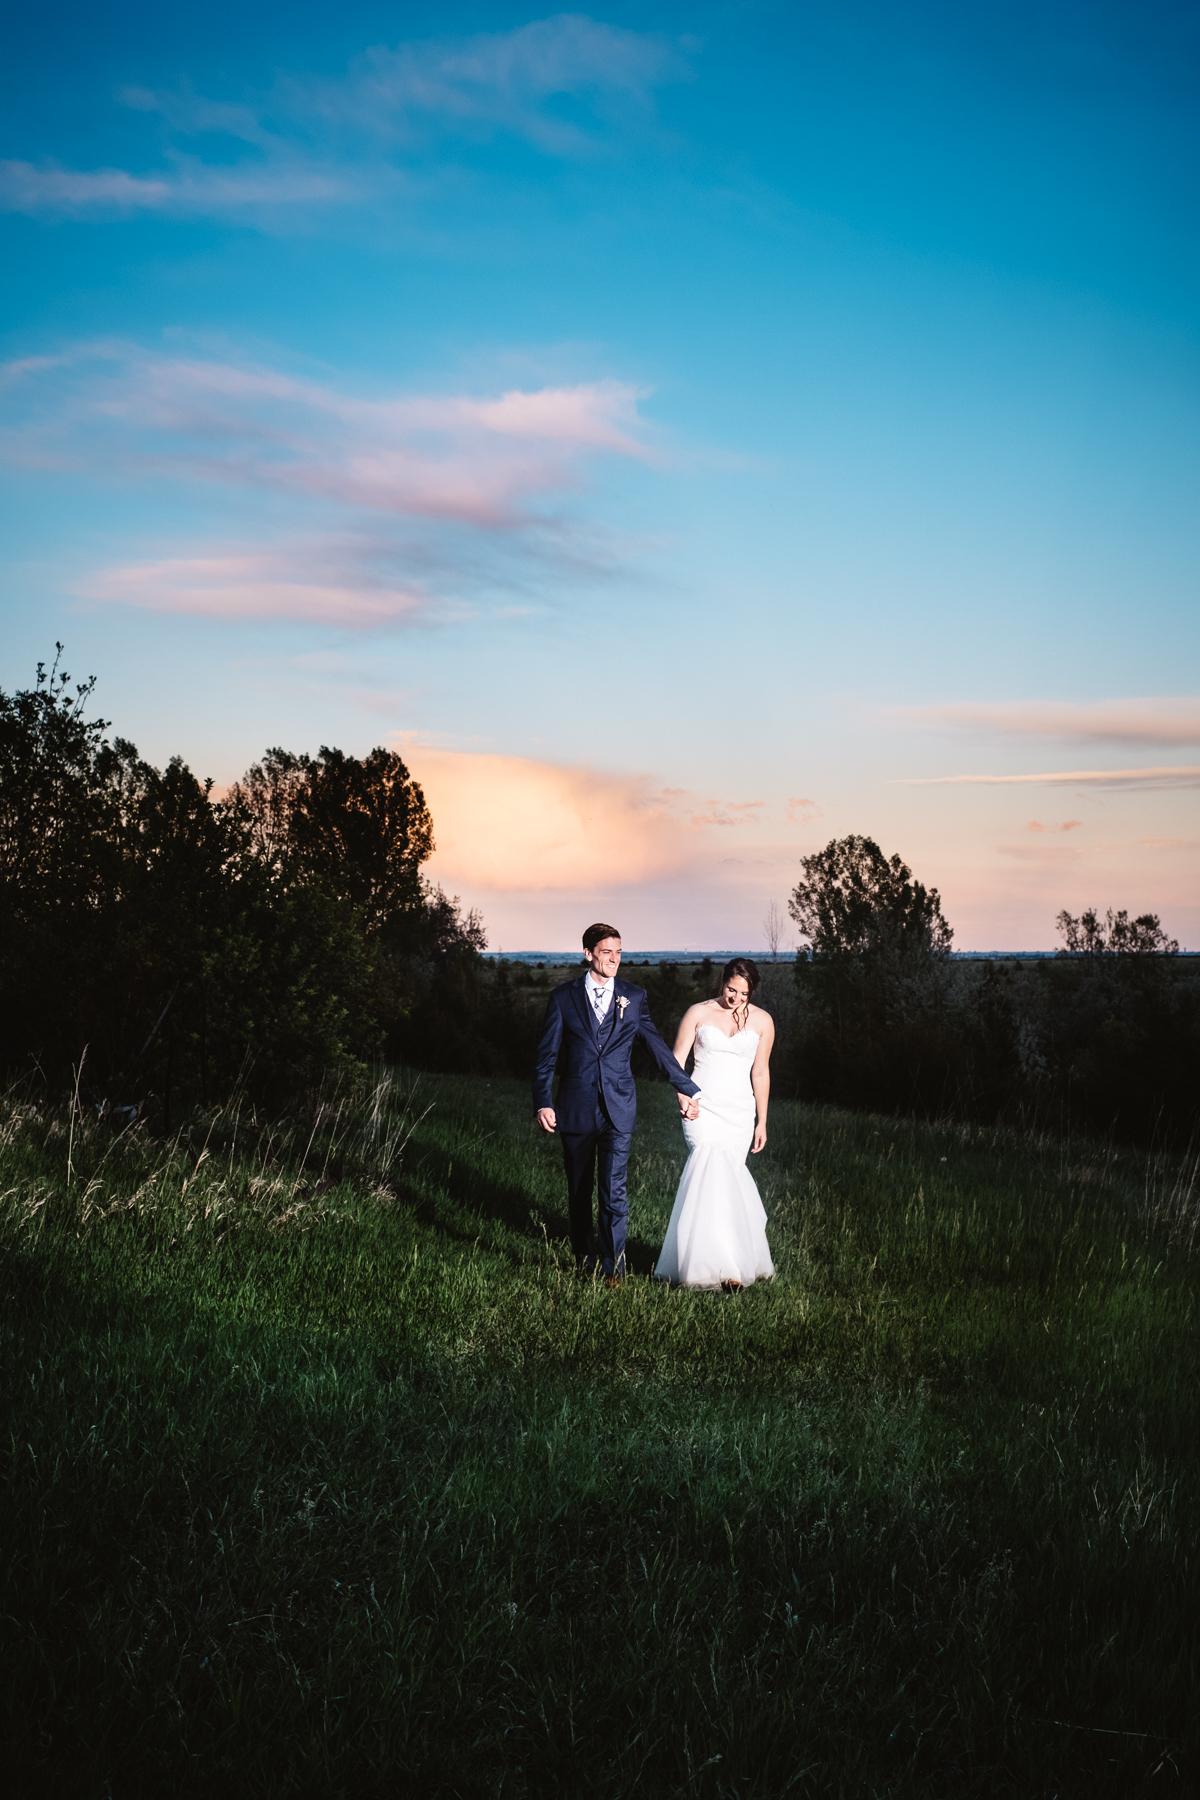 Chelsie+Mike-Lone-Hawk-Farm-Wedding-061.jpg